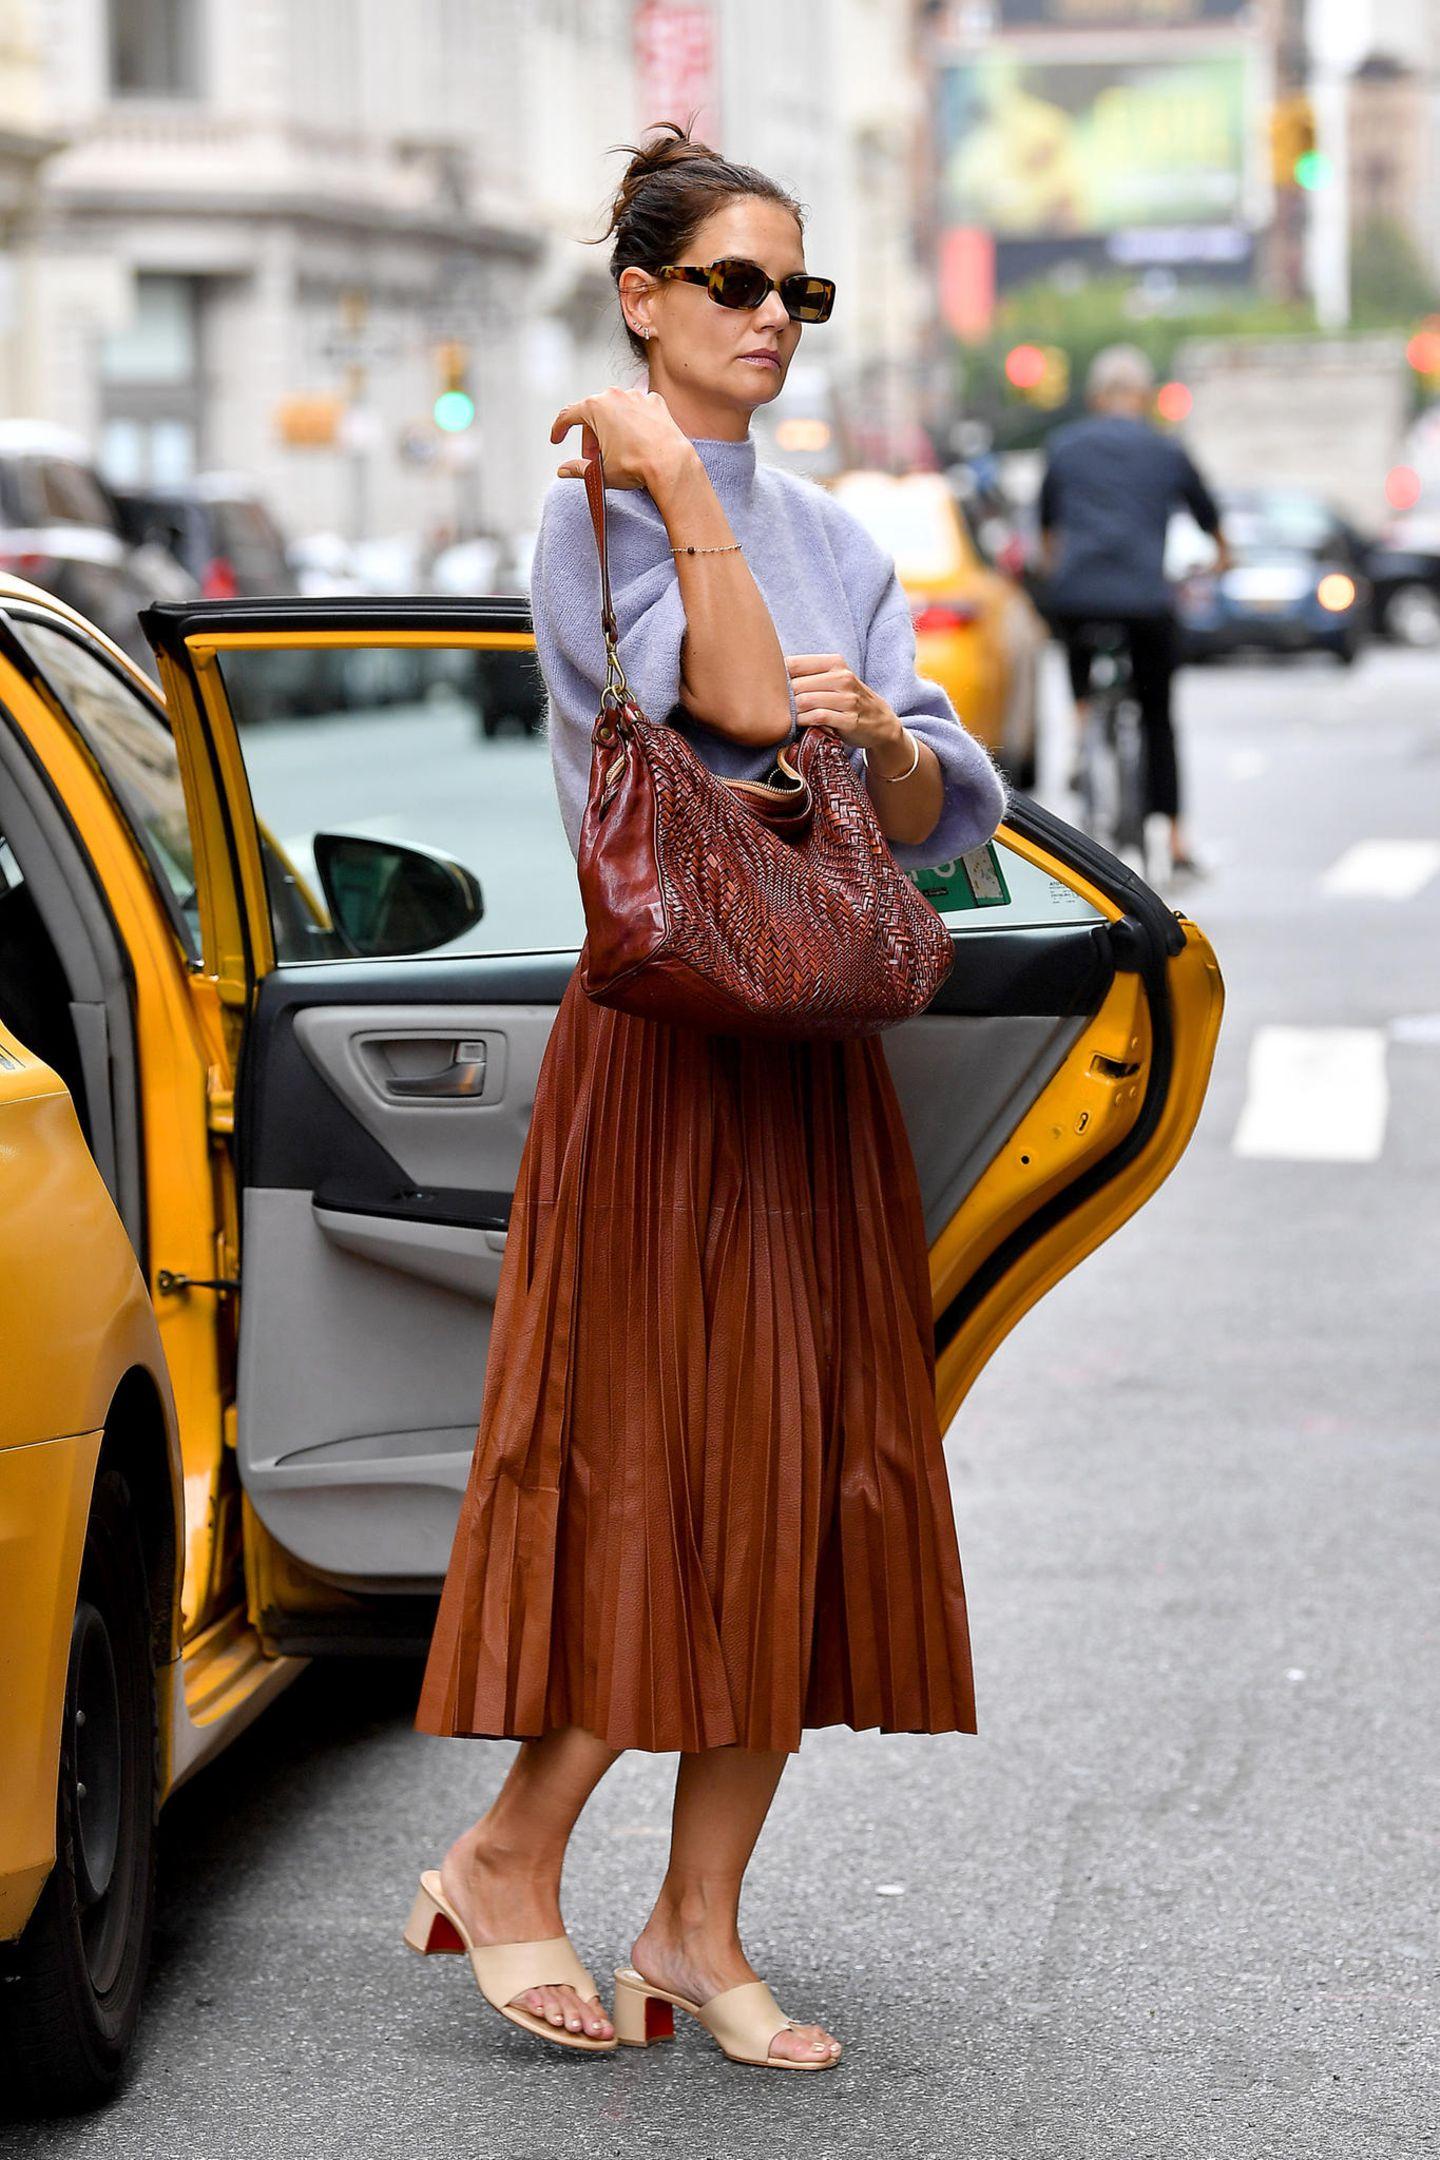 Mindestens genauso wichtig, wie ein Taxi in New York stylisch zu rufen, ist es, auch aus einem auszusteigen. Und das beherrscht Katie Holmes par excellence. In einem braunen Plisseerock und einem fliederfarbenen Wollpullover stellt die Schauspielerin ihr Gespür für Mode unter Beweis.